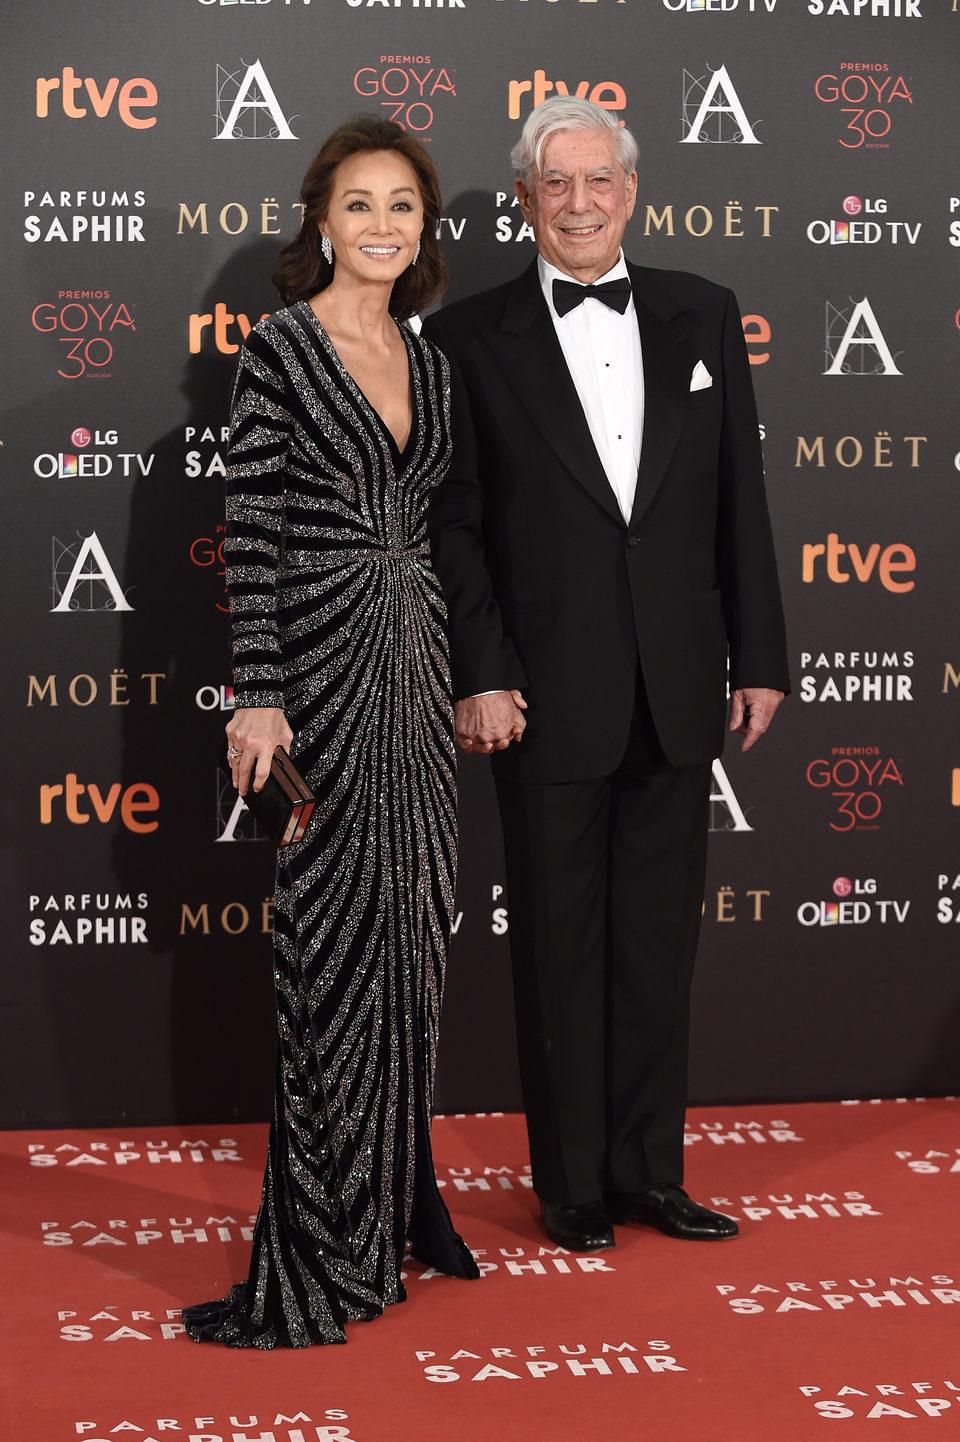 Mario Vargas Llosa e Isabel Preysler en la alfombra roja de los Premios Goya 2016